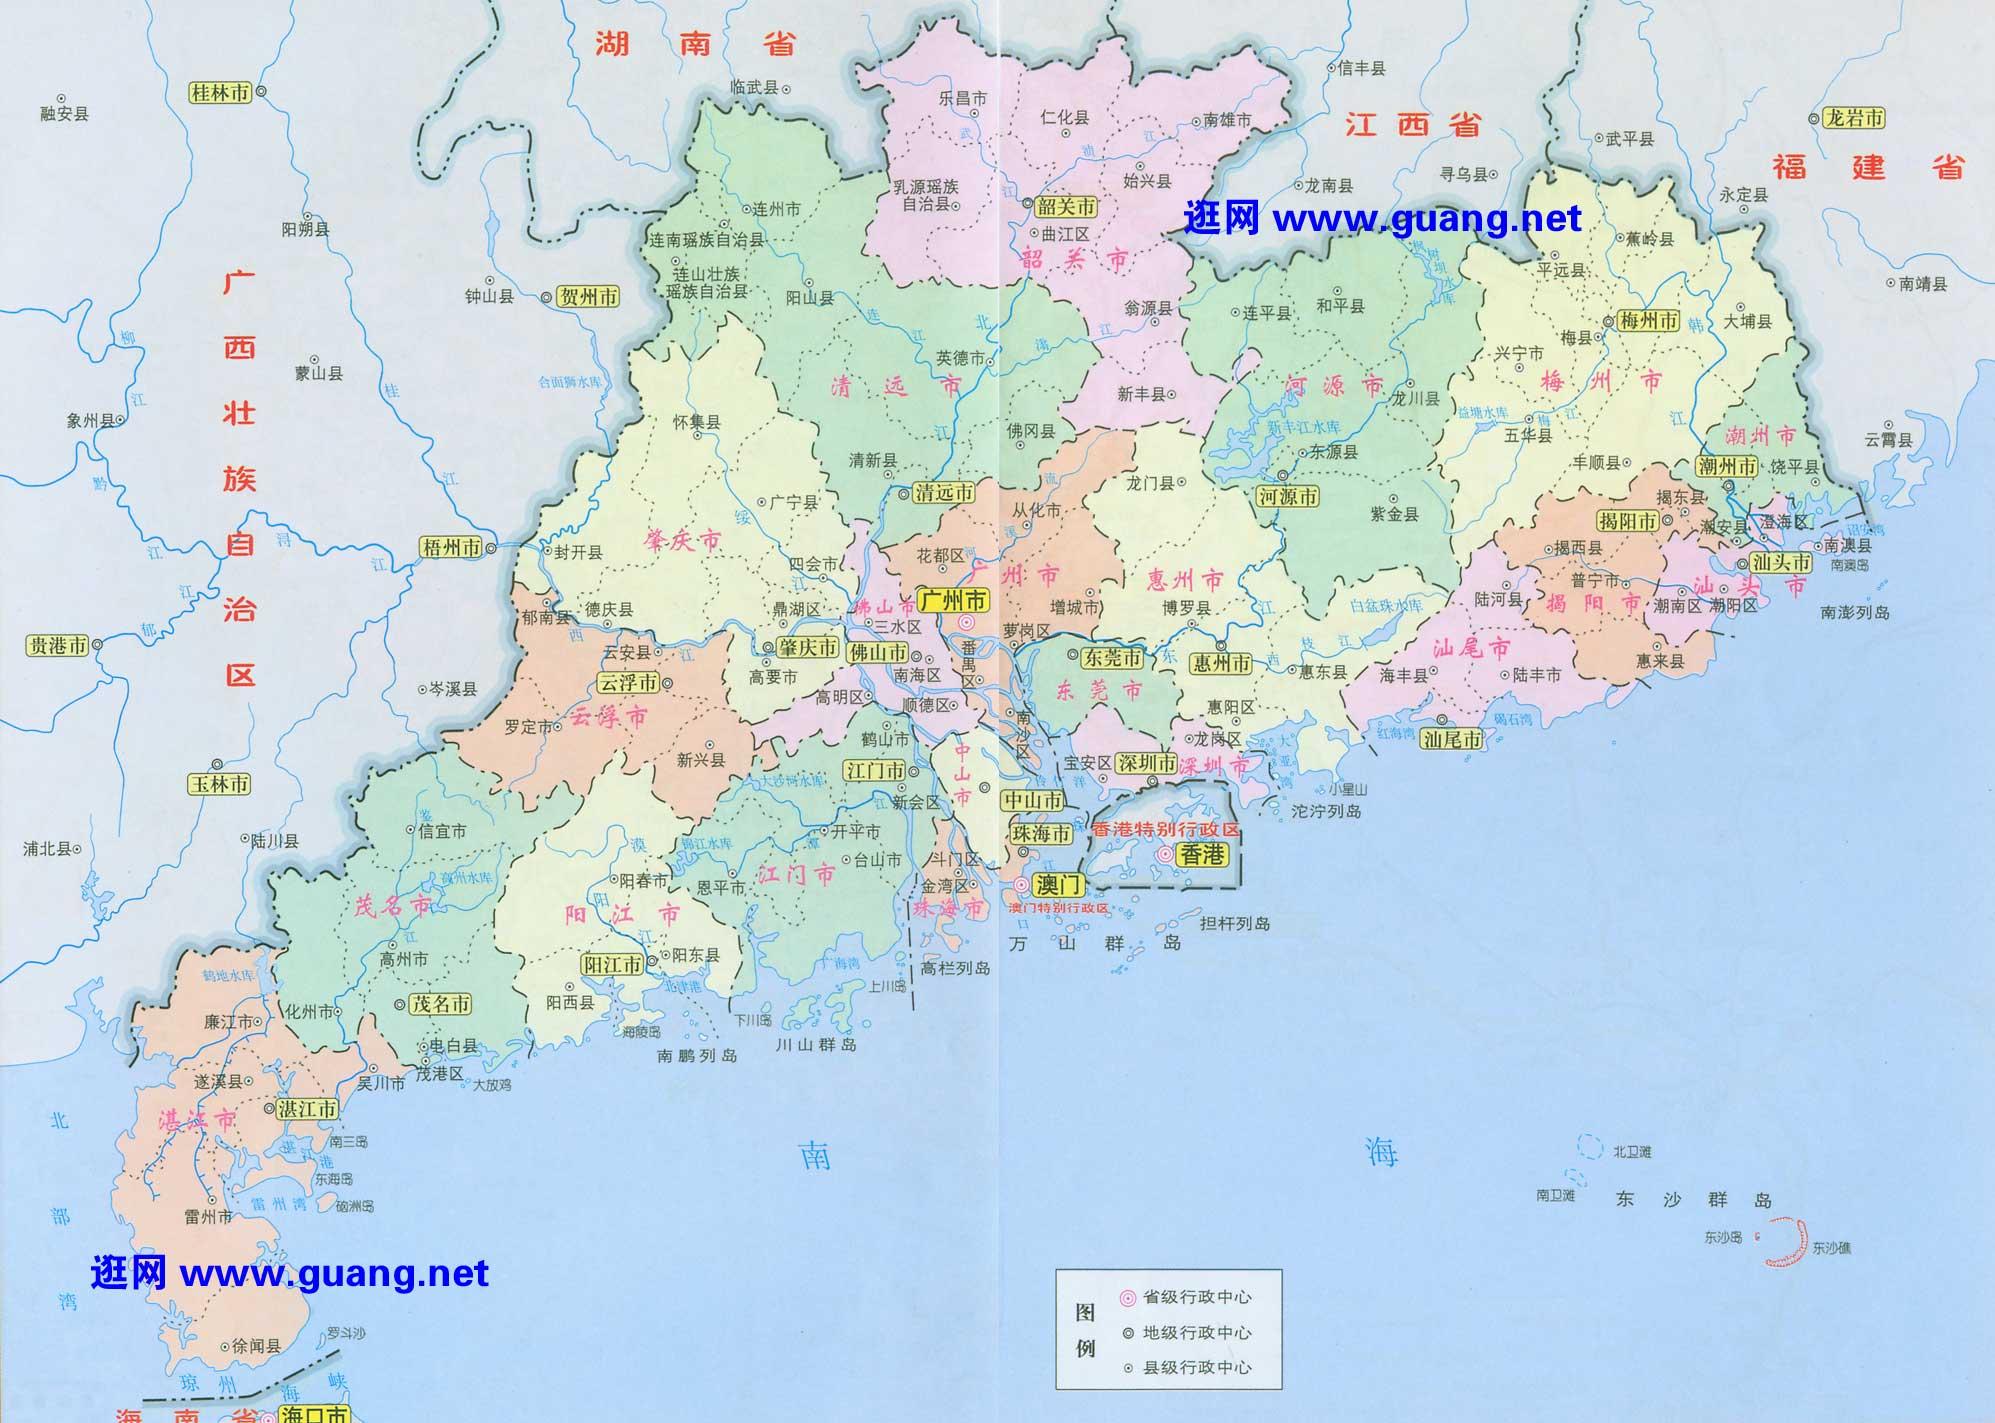 广东省地图查询 广东省地图下载 骑行圈